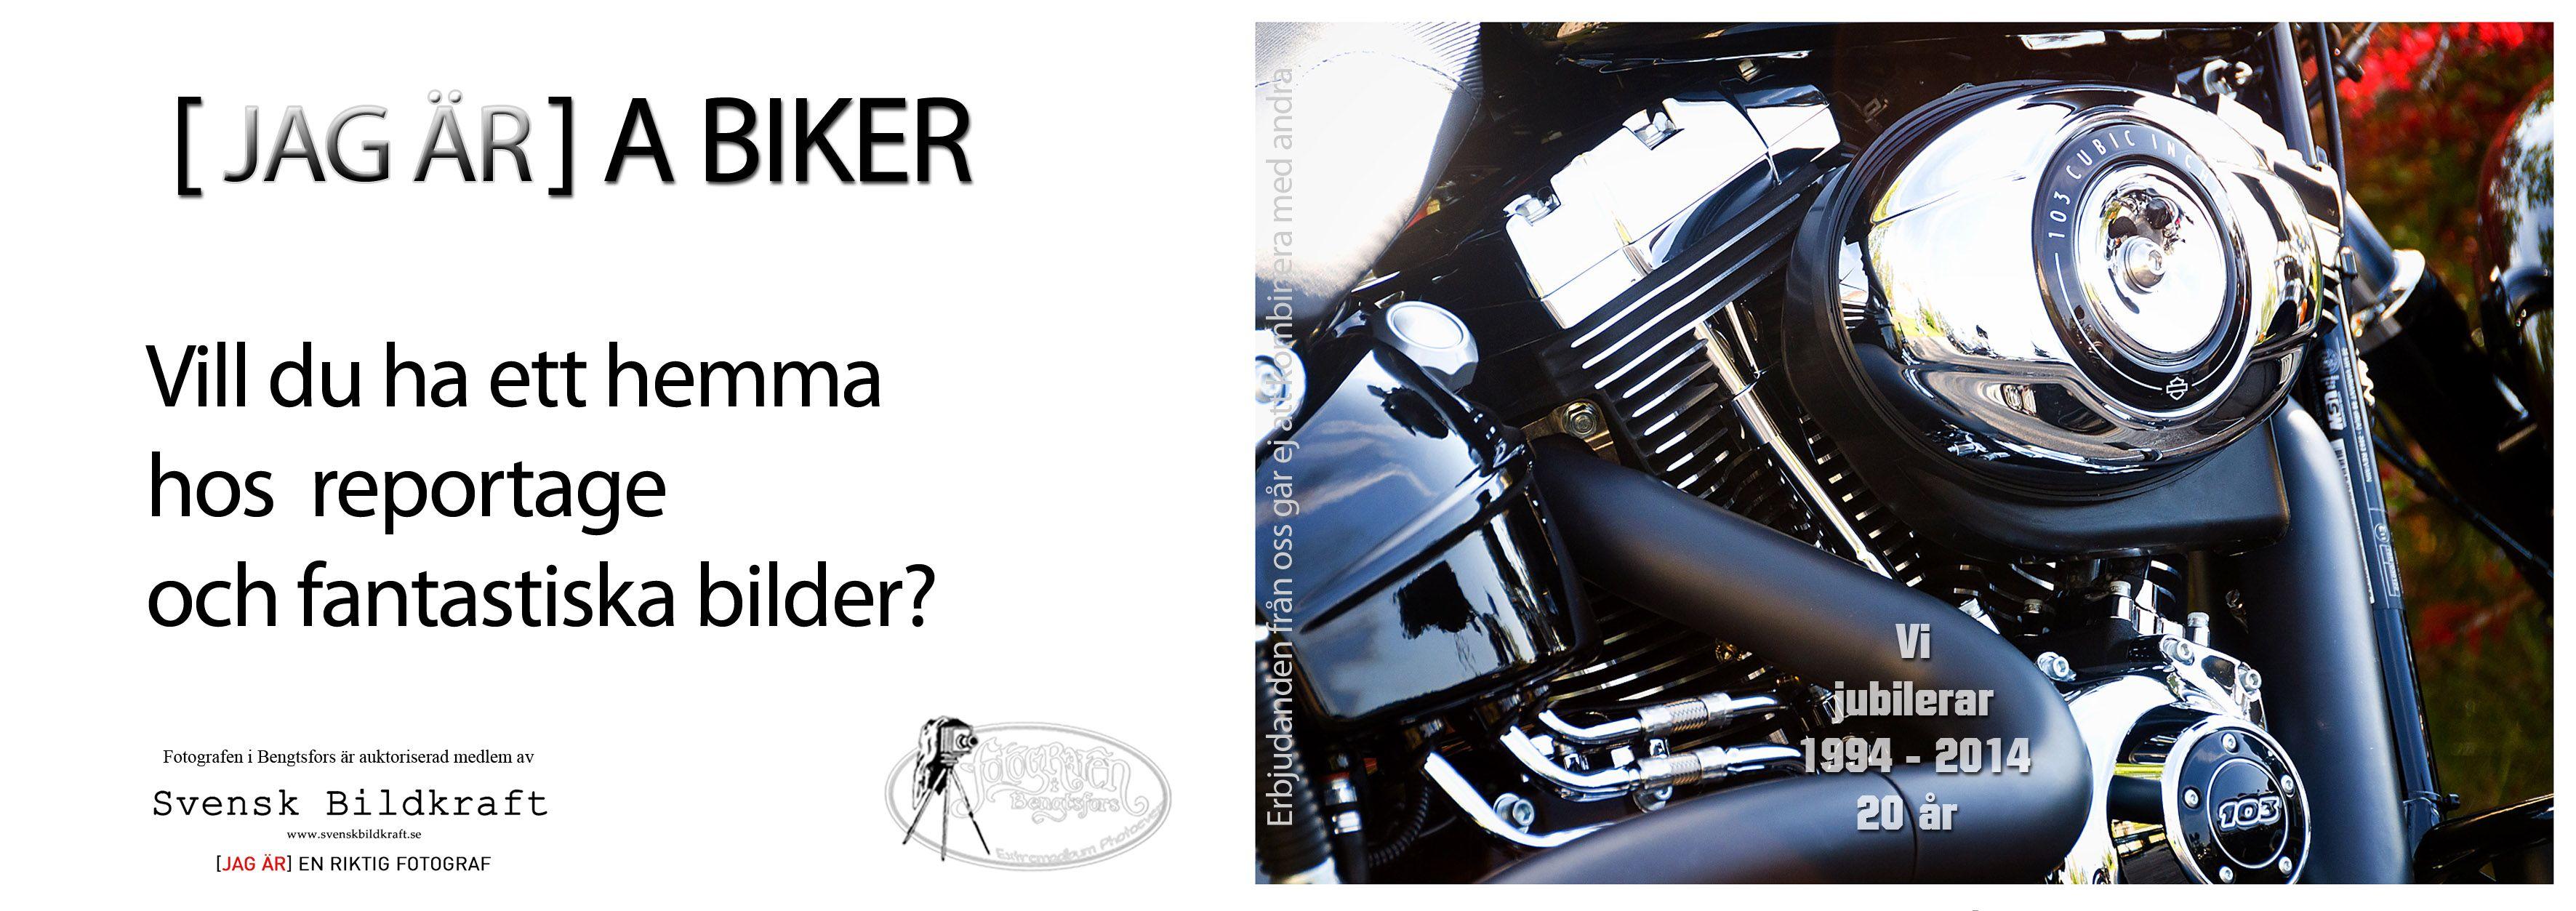 På två hjul har vi en plan http://www.takort.nu/Erbjudanden/Biker.PDF